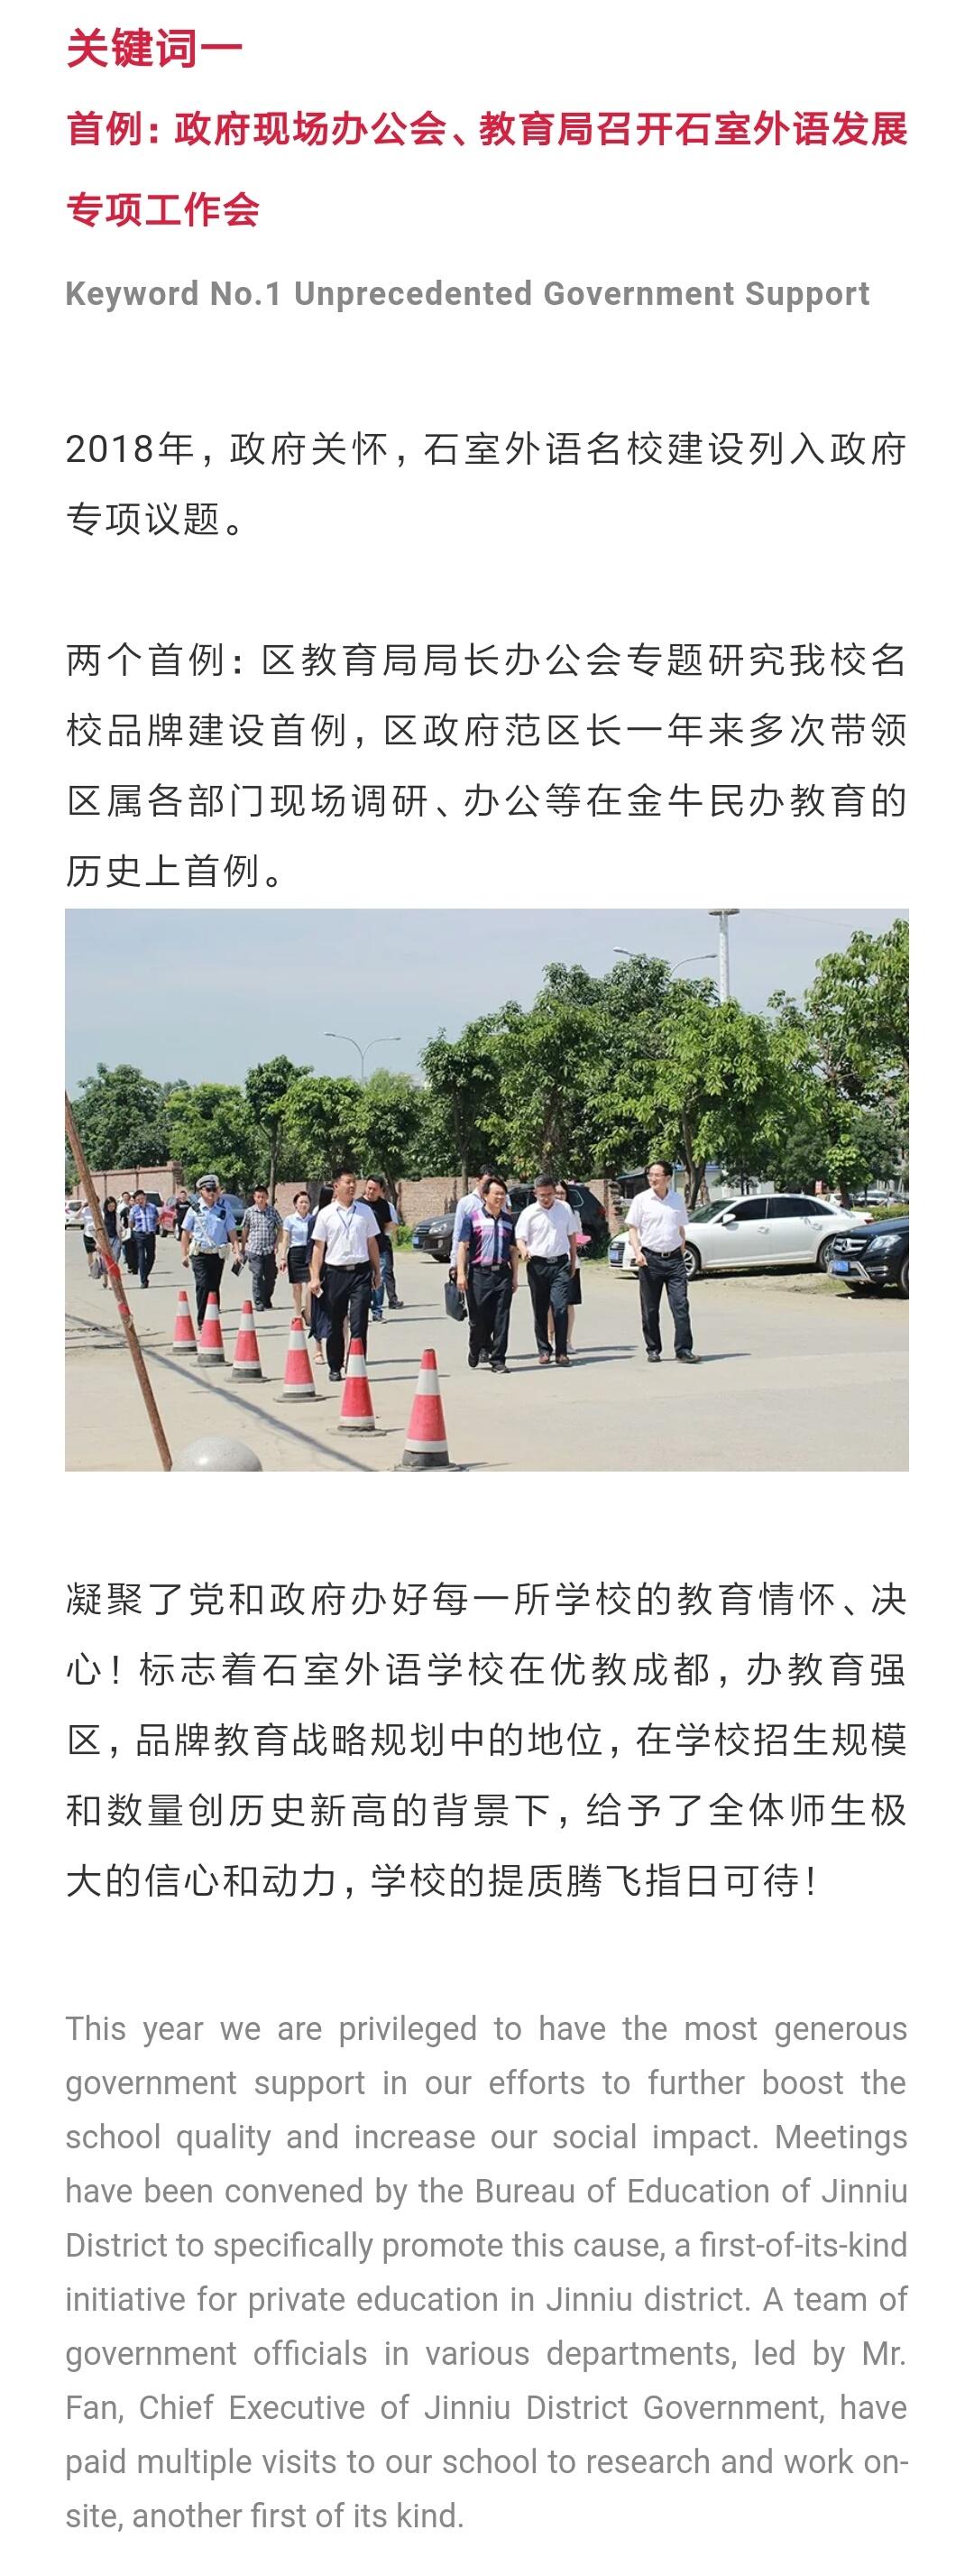 Screenshot_2019-02-10-16-55-53-677_com.tencent.mm.png